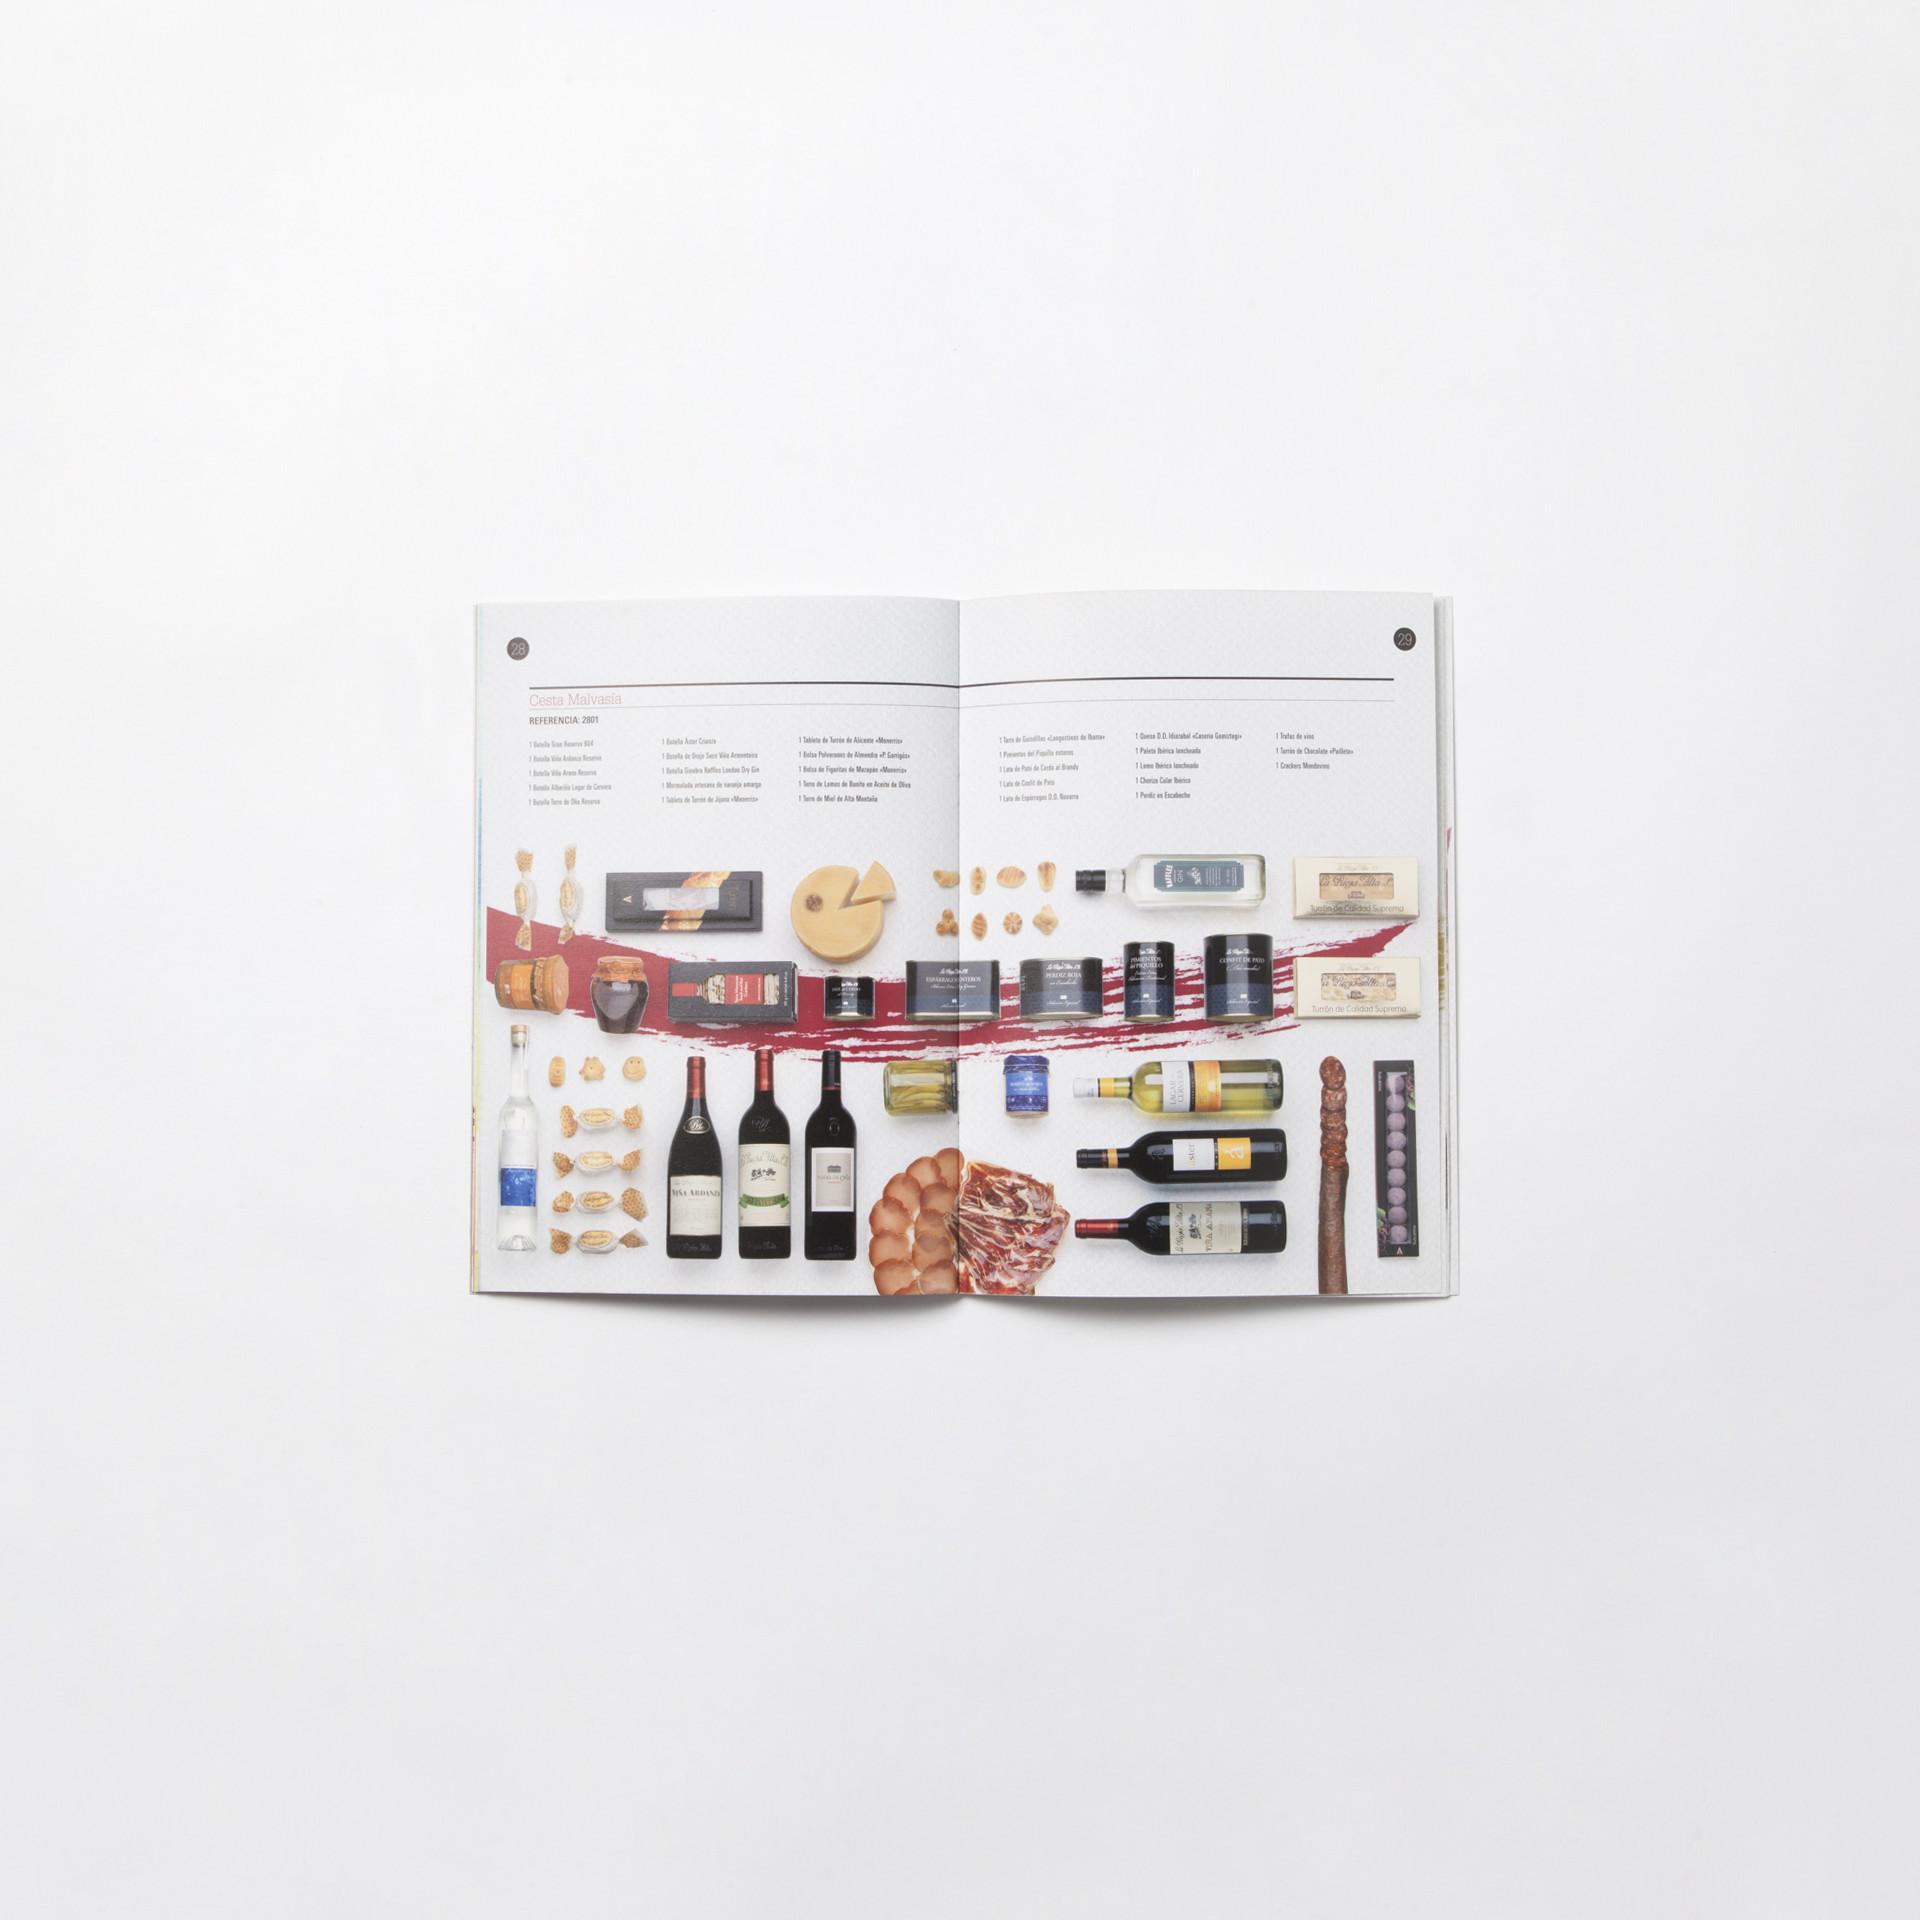 Bodegán catálogo vino Rioja Alta